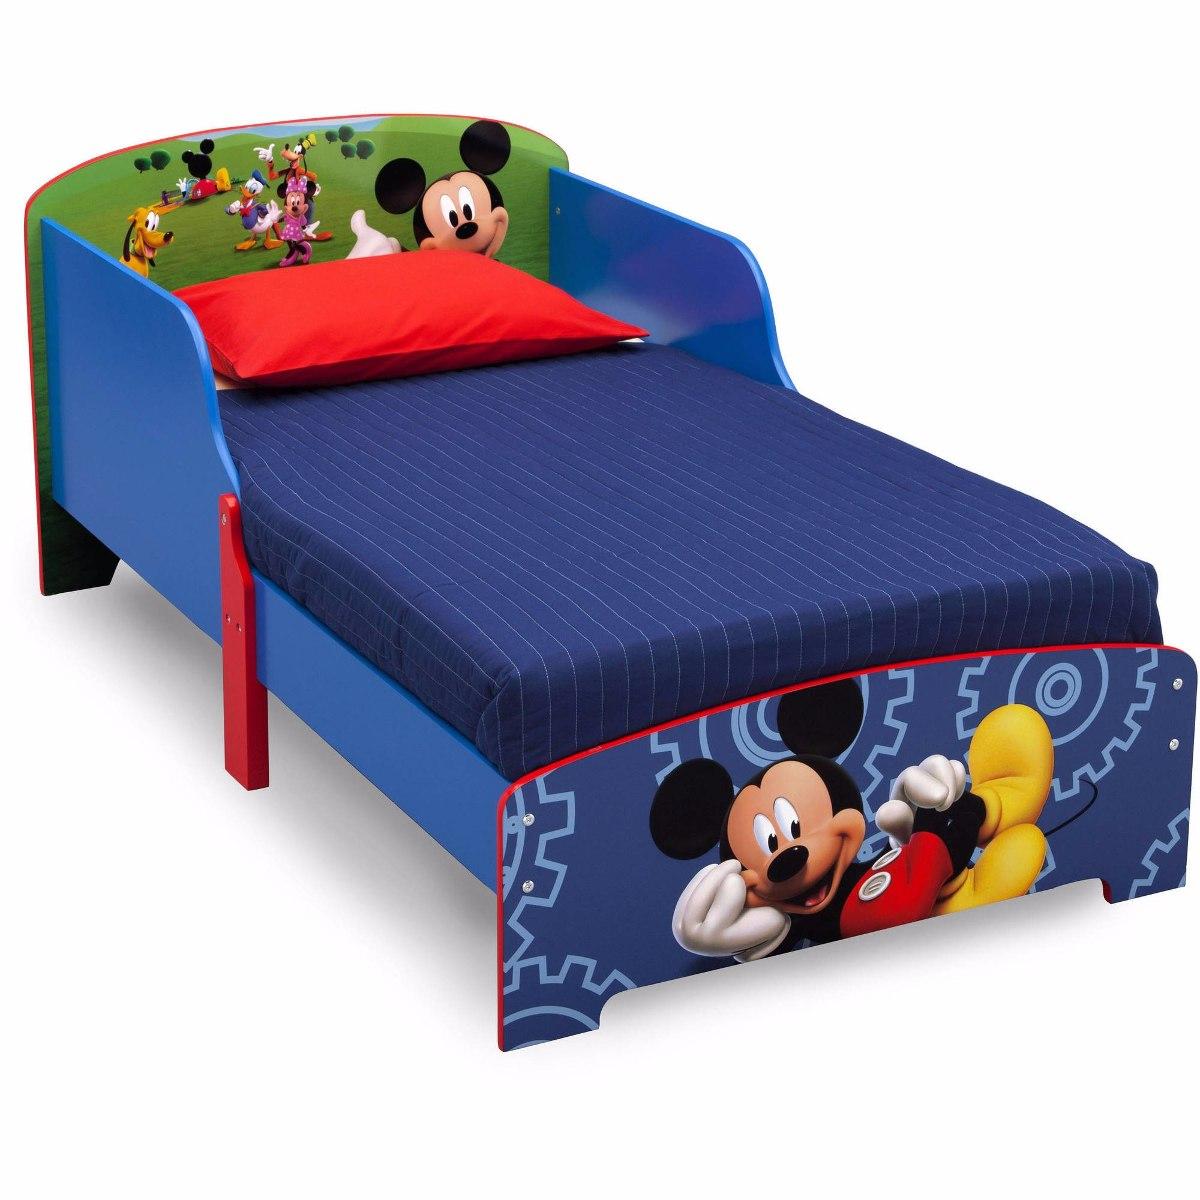 Cama Infantil De Madera De Lujo Mickey Mouse 2 900 00